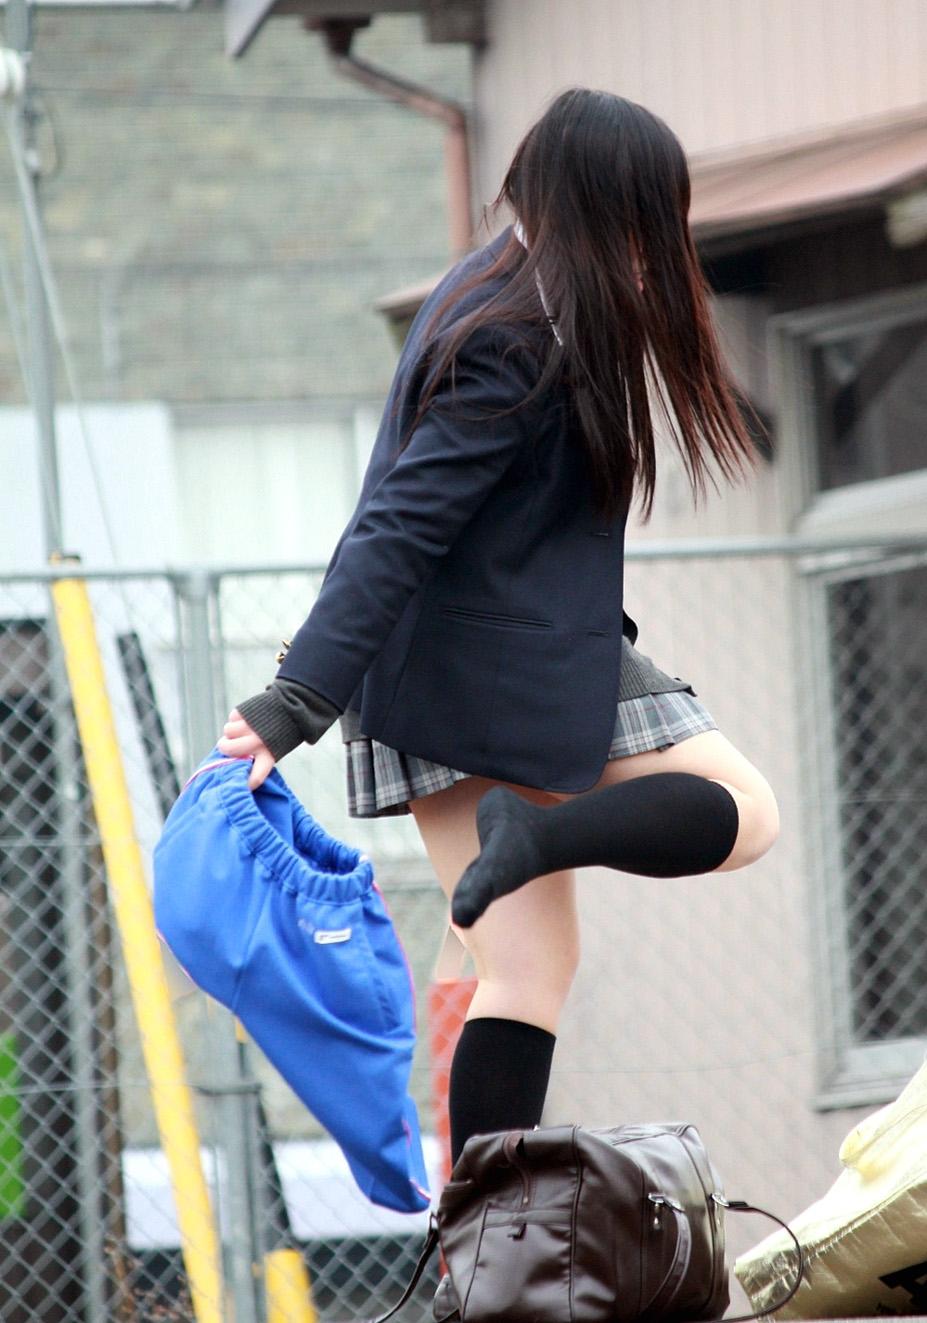 女子高生の日常生活が可愛くて愛おしすぎるwwwwwwwww dnhN60x